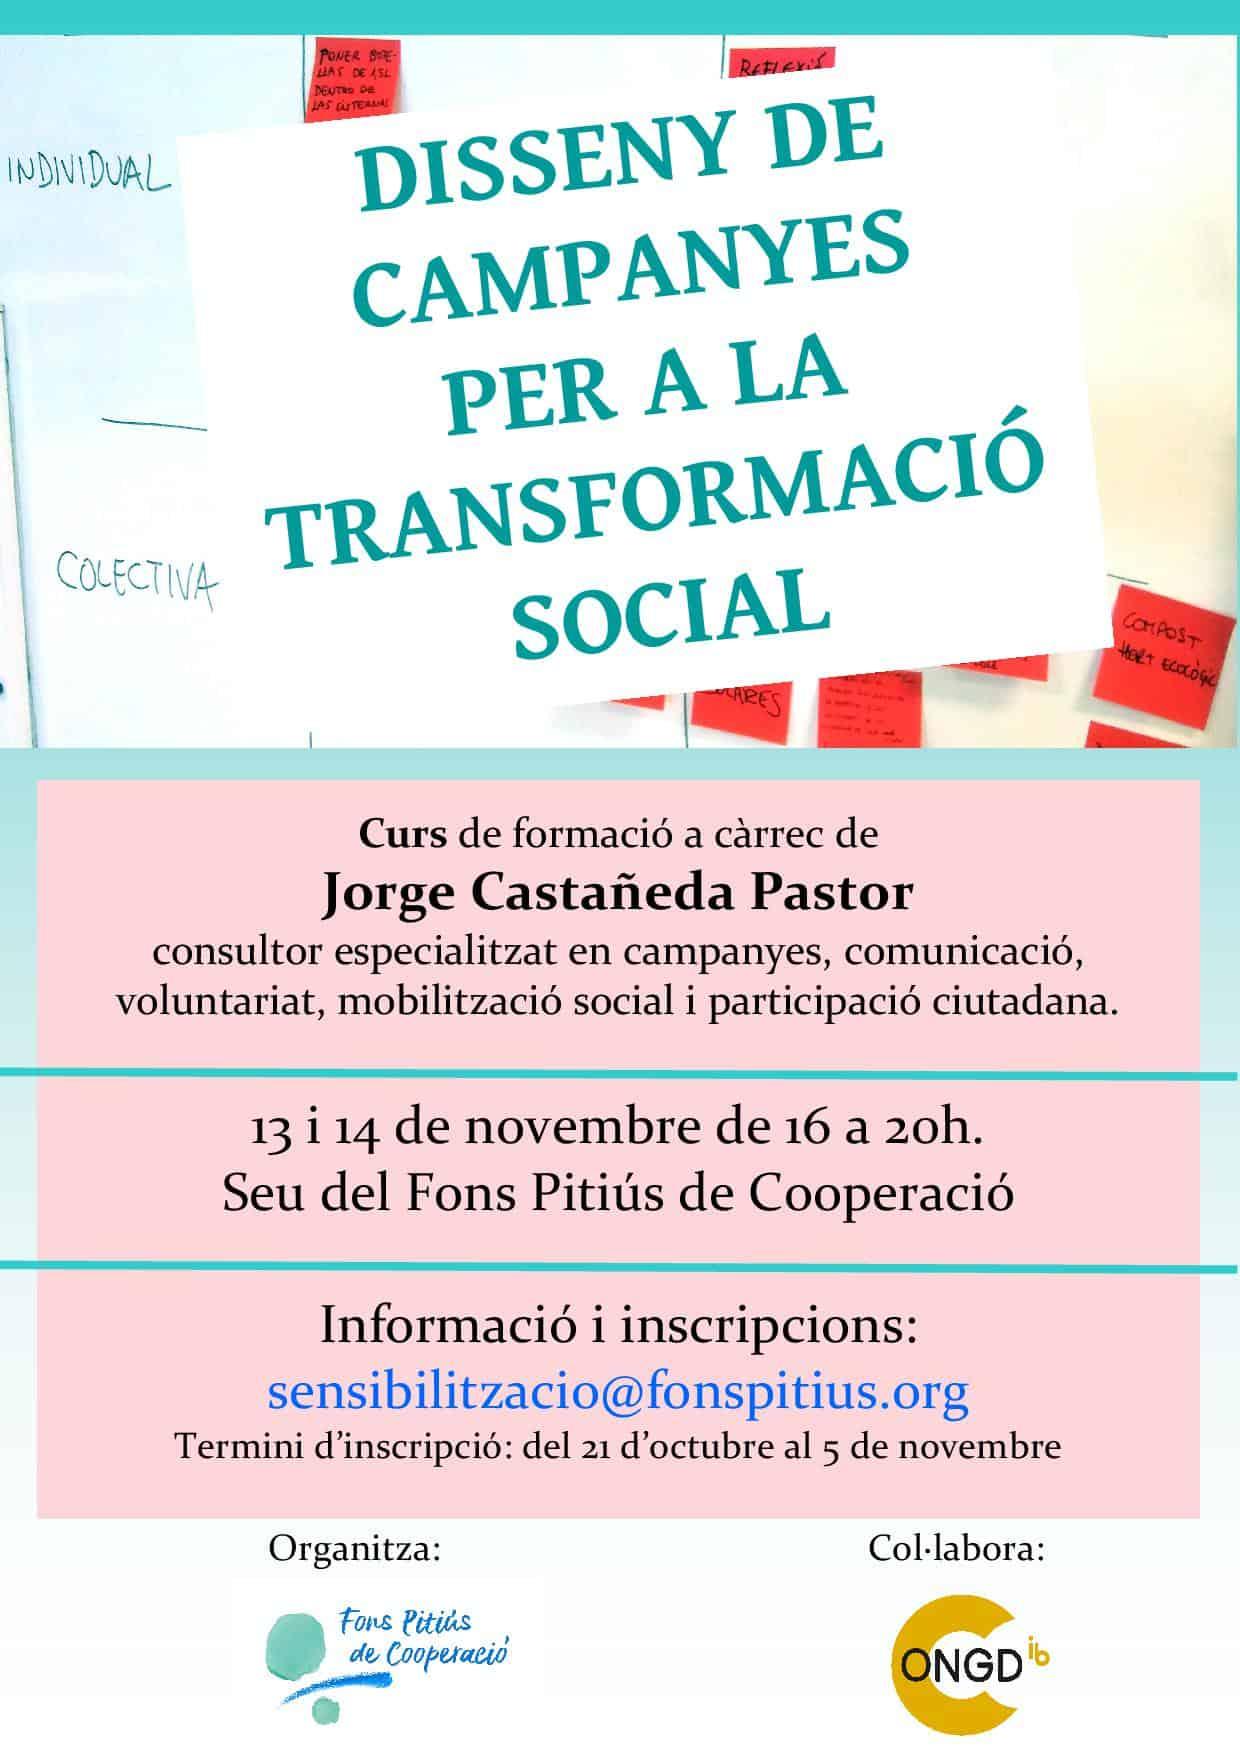 CURS DE FORMACIÓ: Disseny de campanyes per a la transformació social